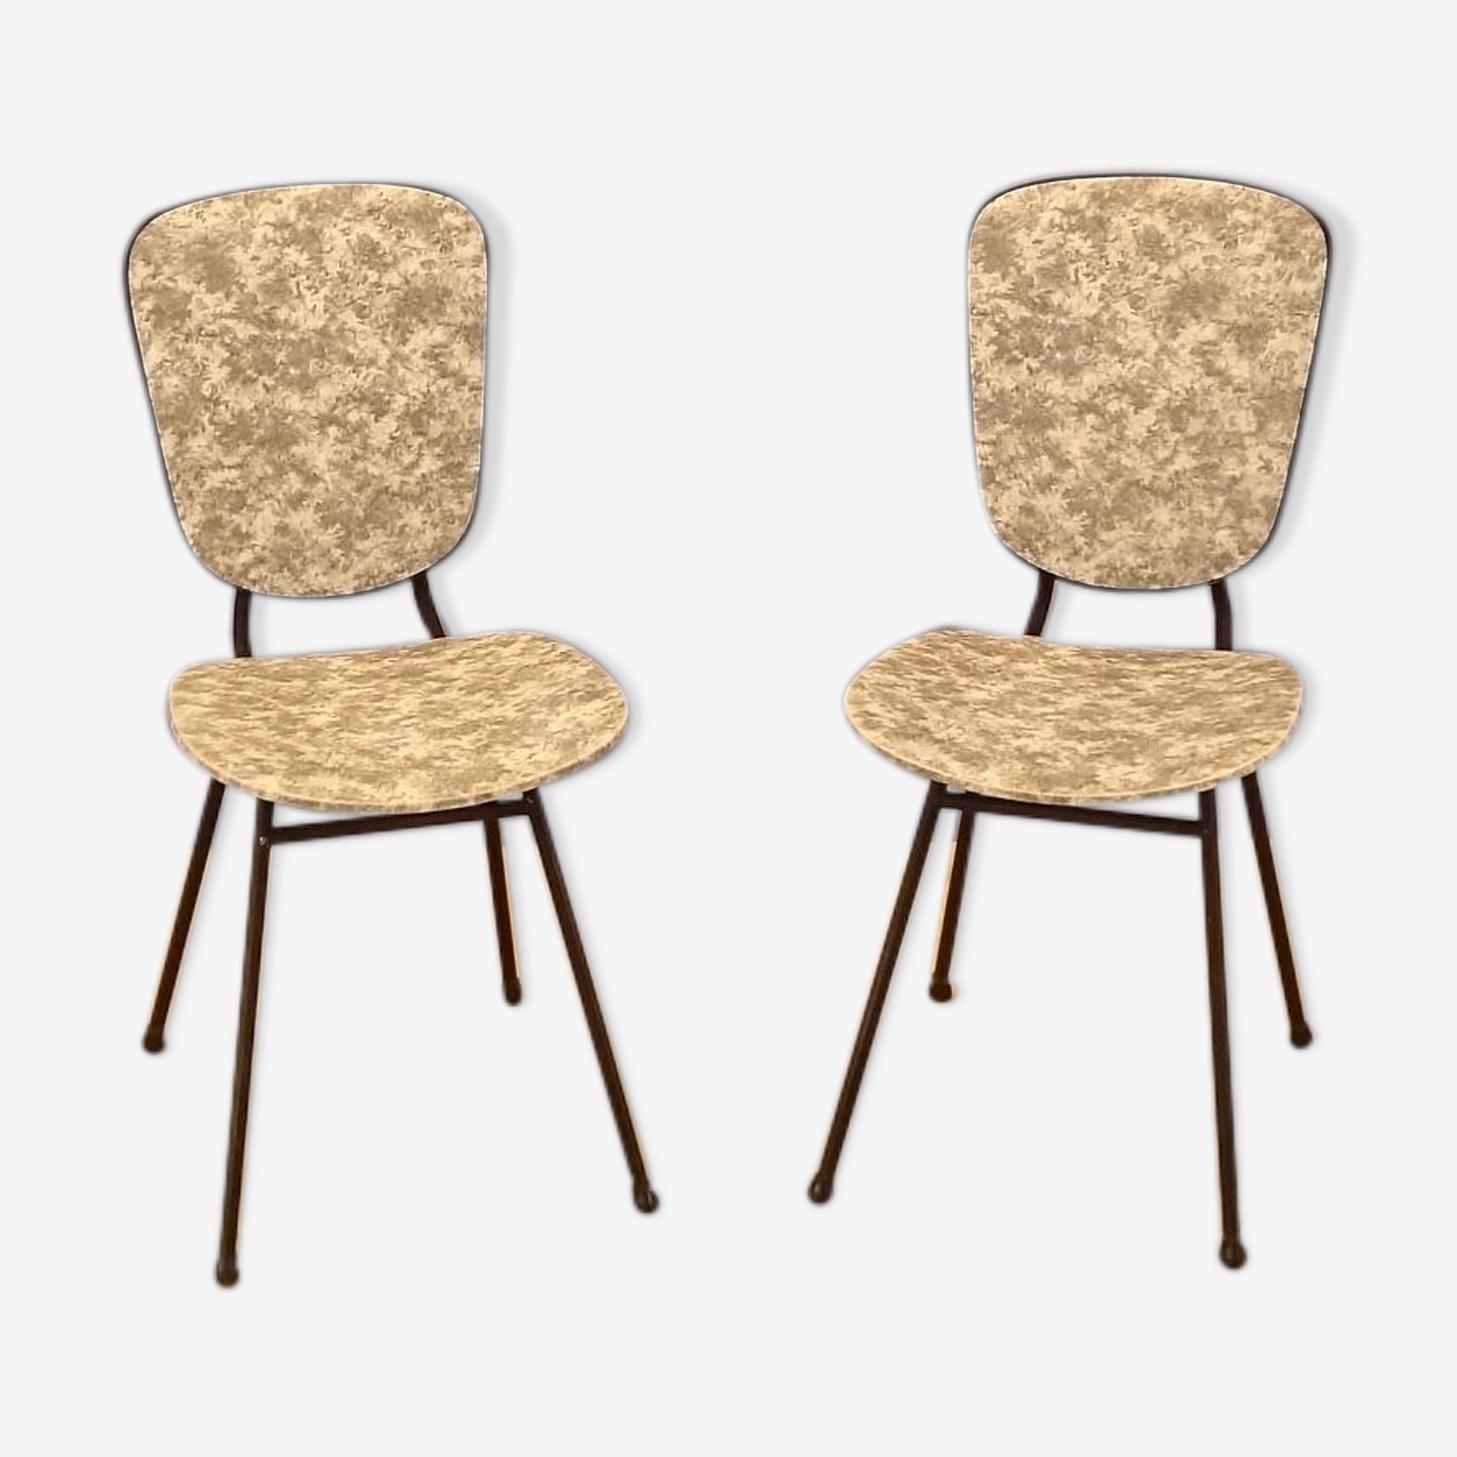 Paire de chaises vintage noires et blanches